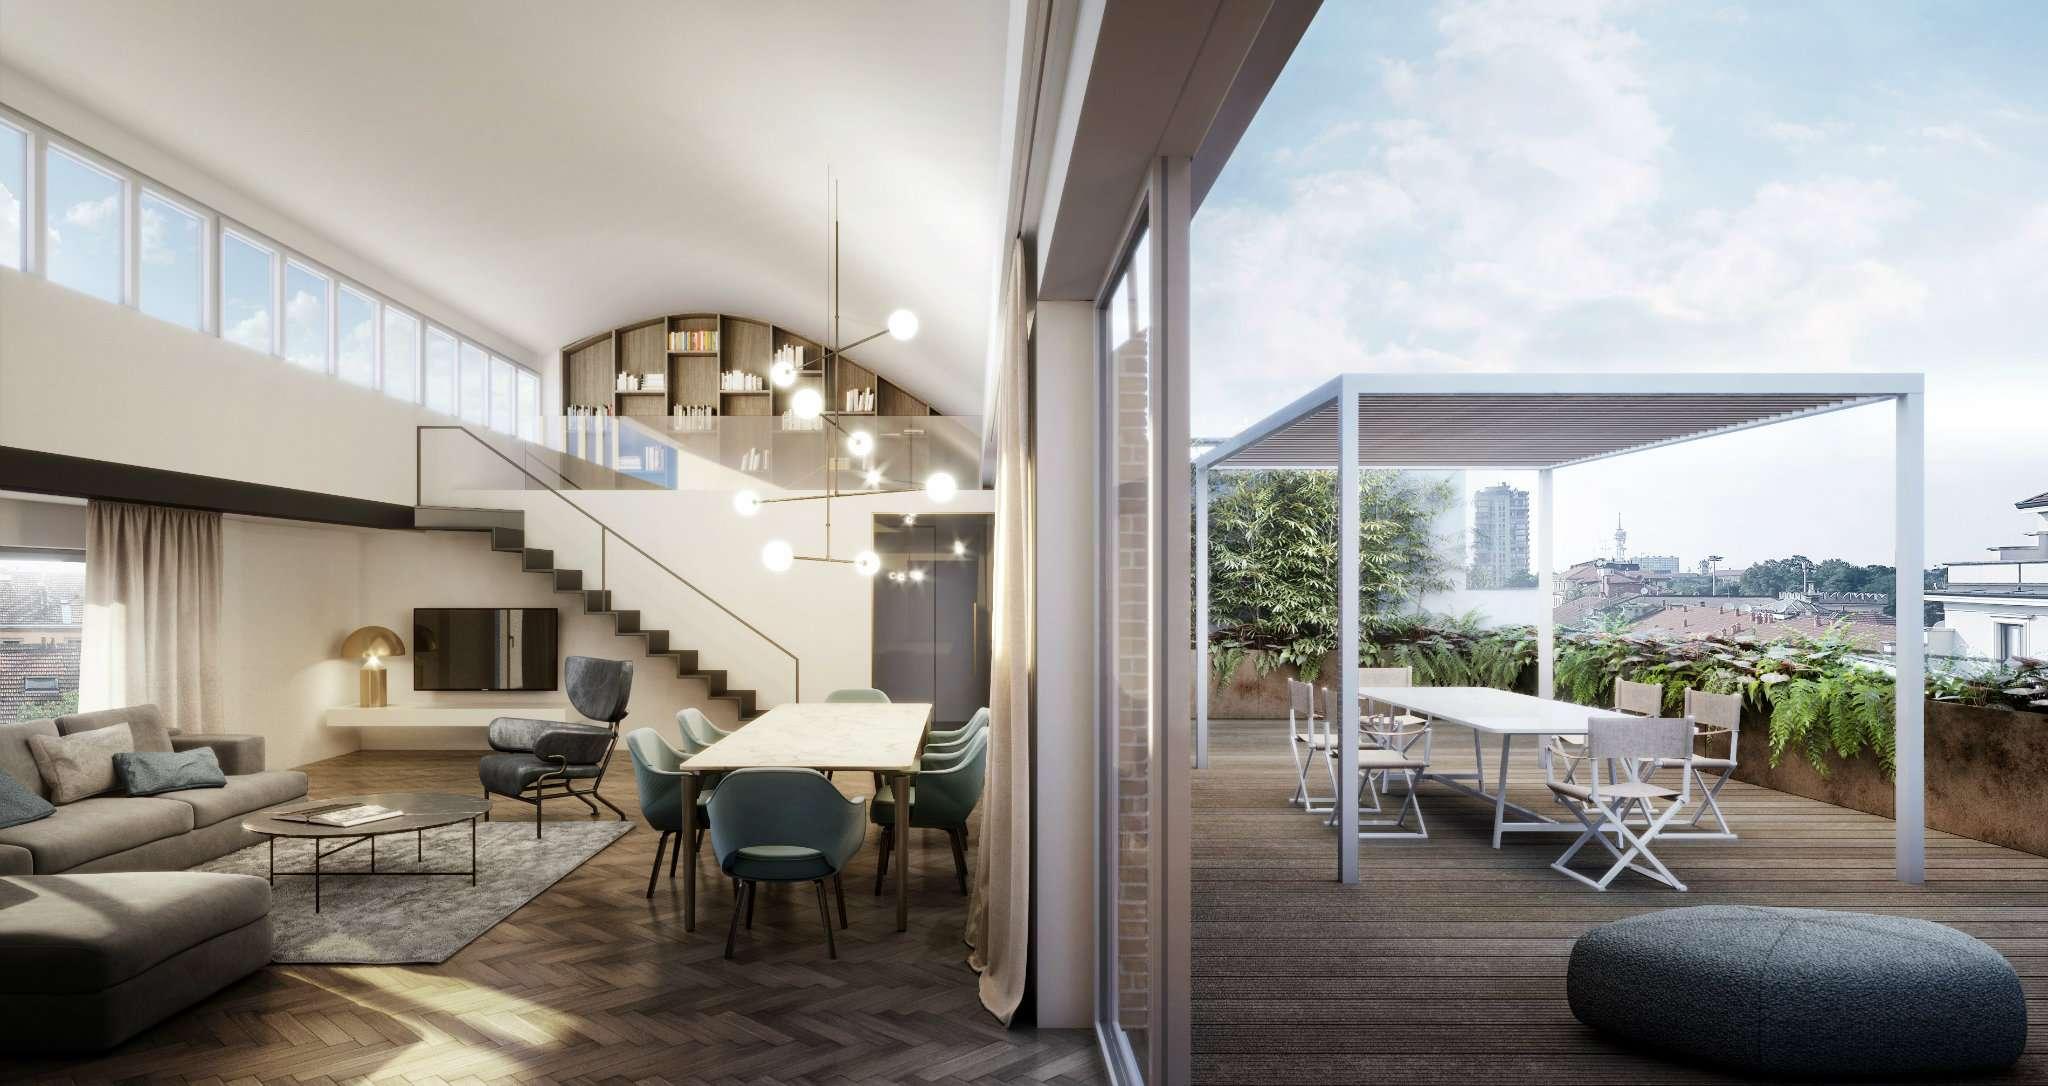 Appartamento in Vendita a Milano 08 Vercelli / Magenta / Cadorna / Washington: 4 locali, 200 mq